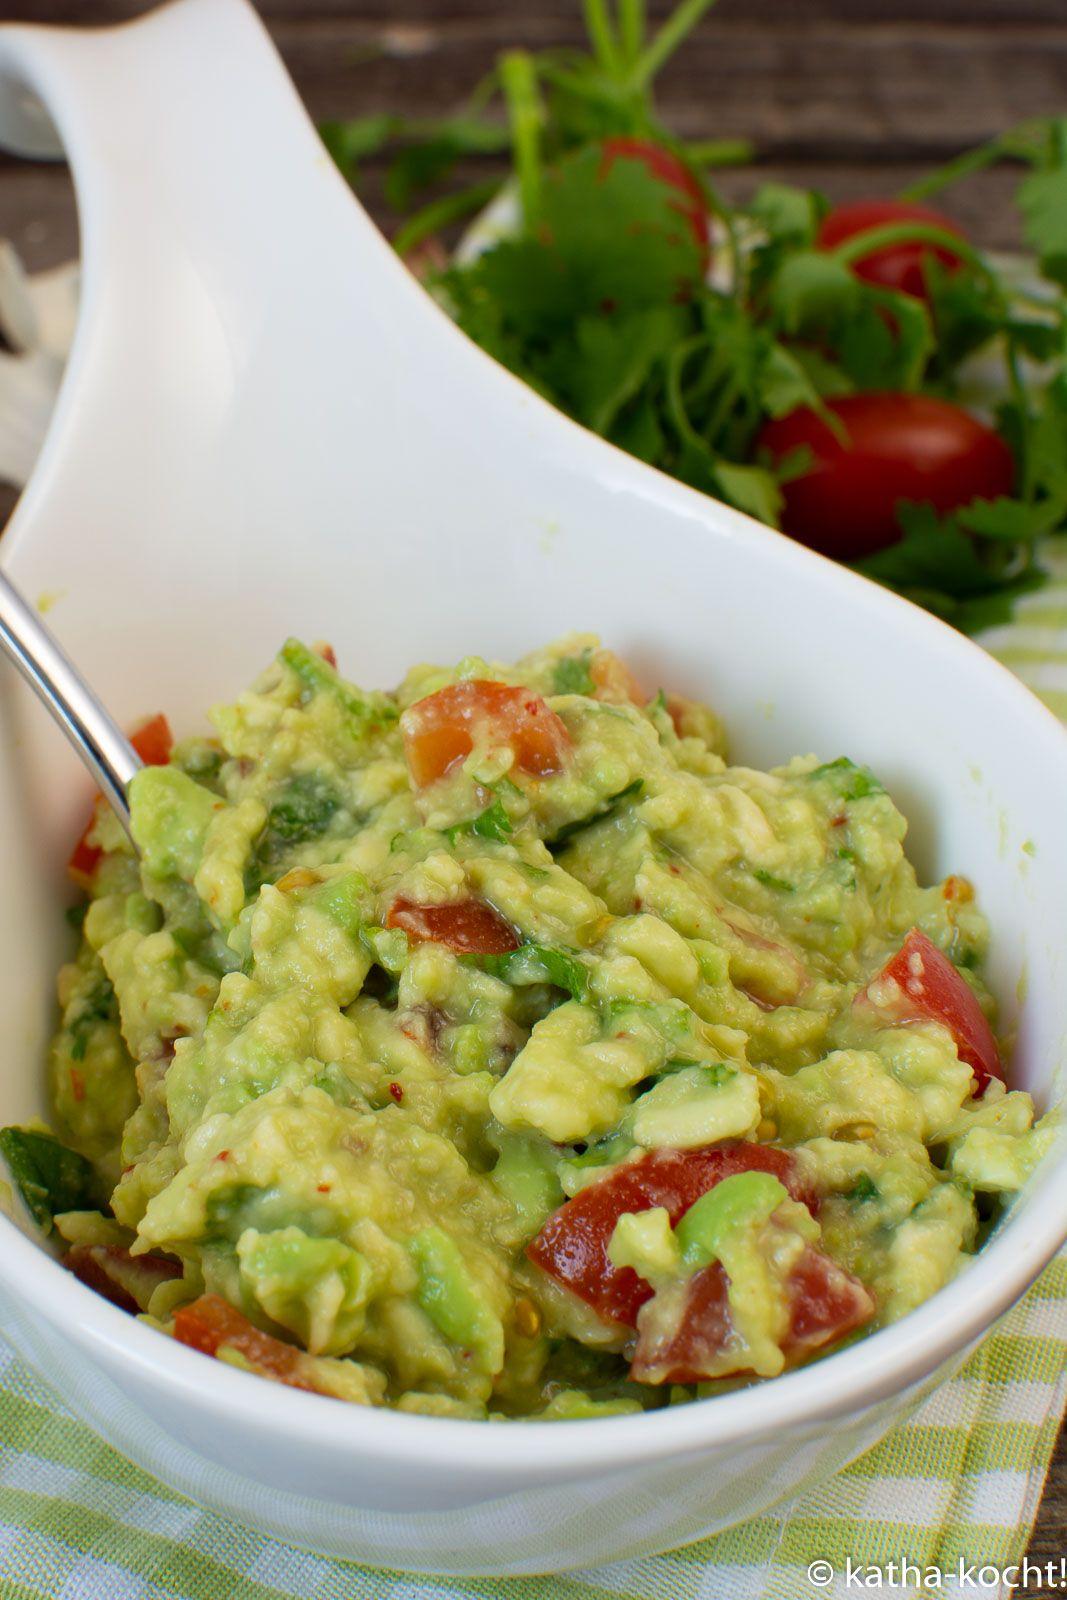 Guacamole als Dip - Katha-kocht!